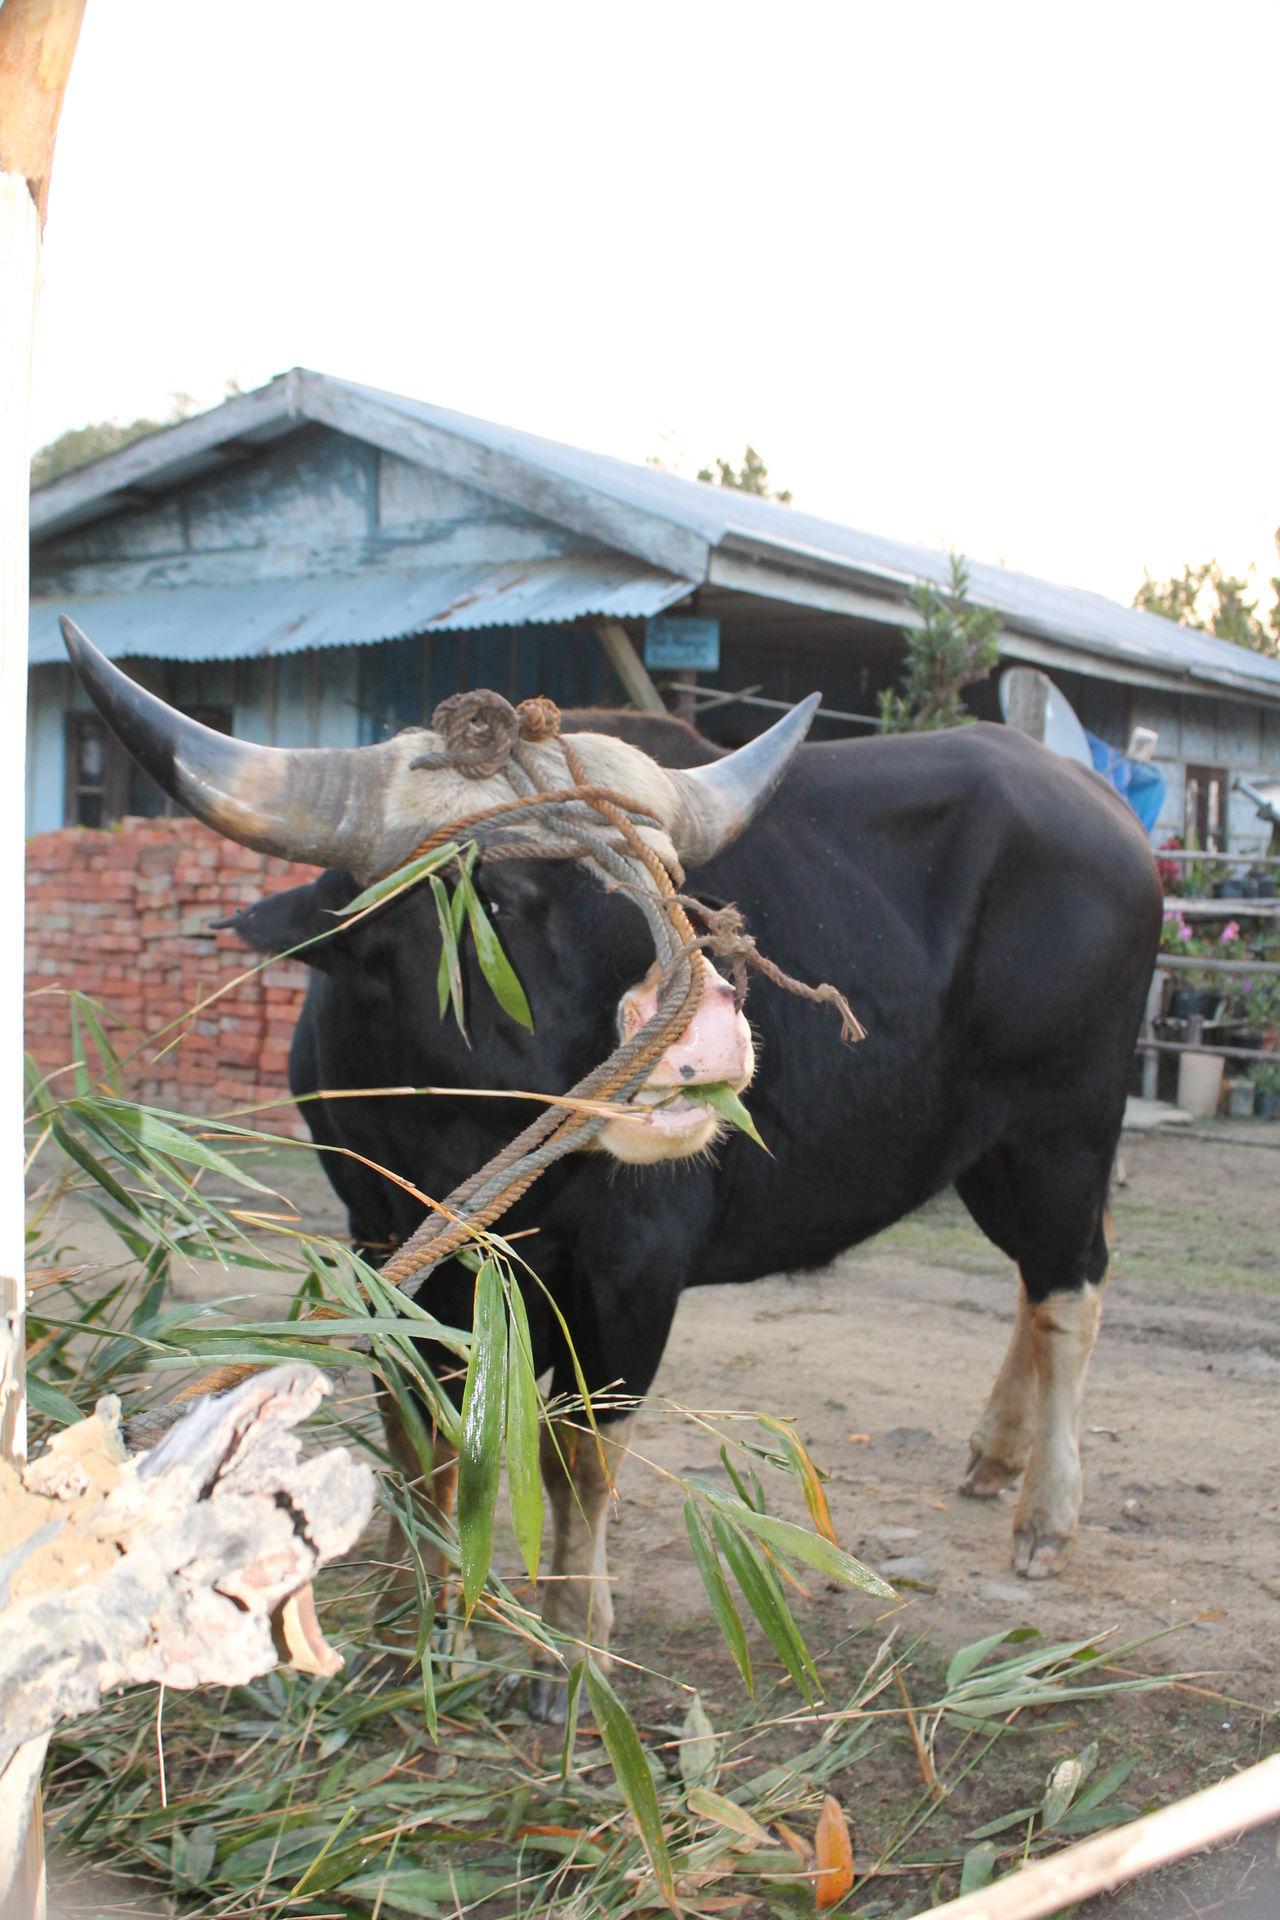 Bull Black Bull Animal